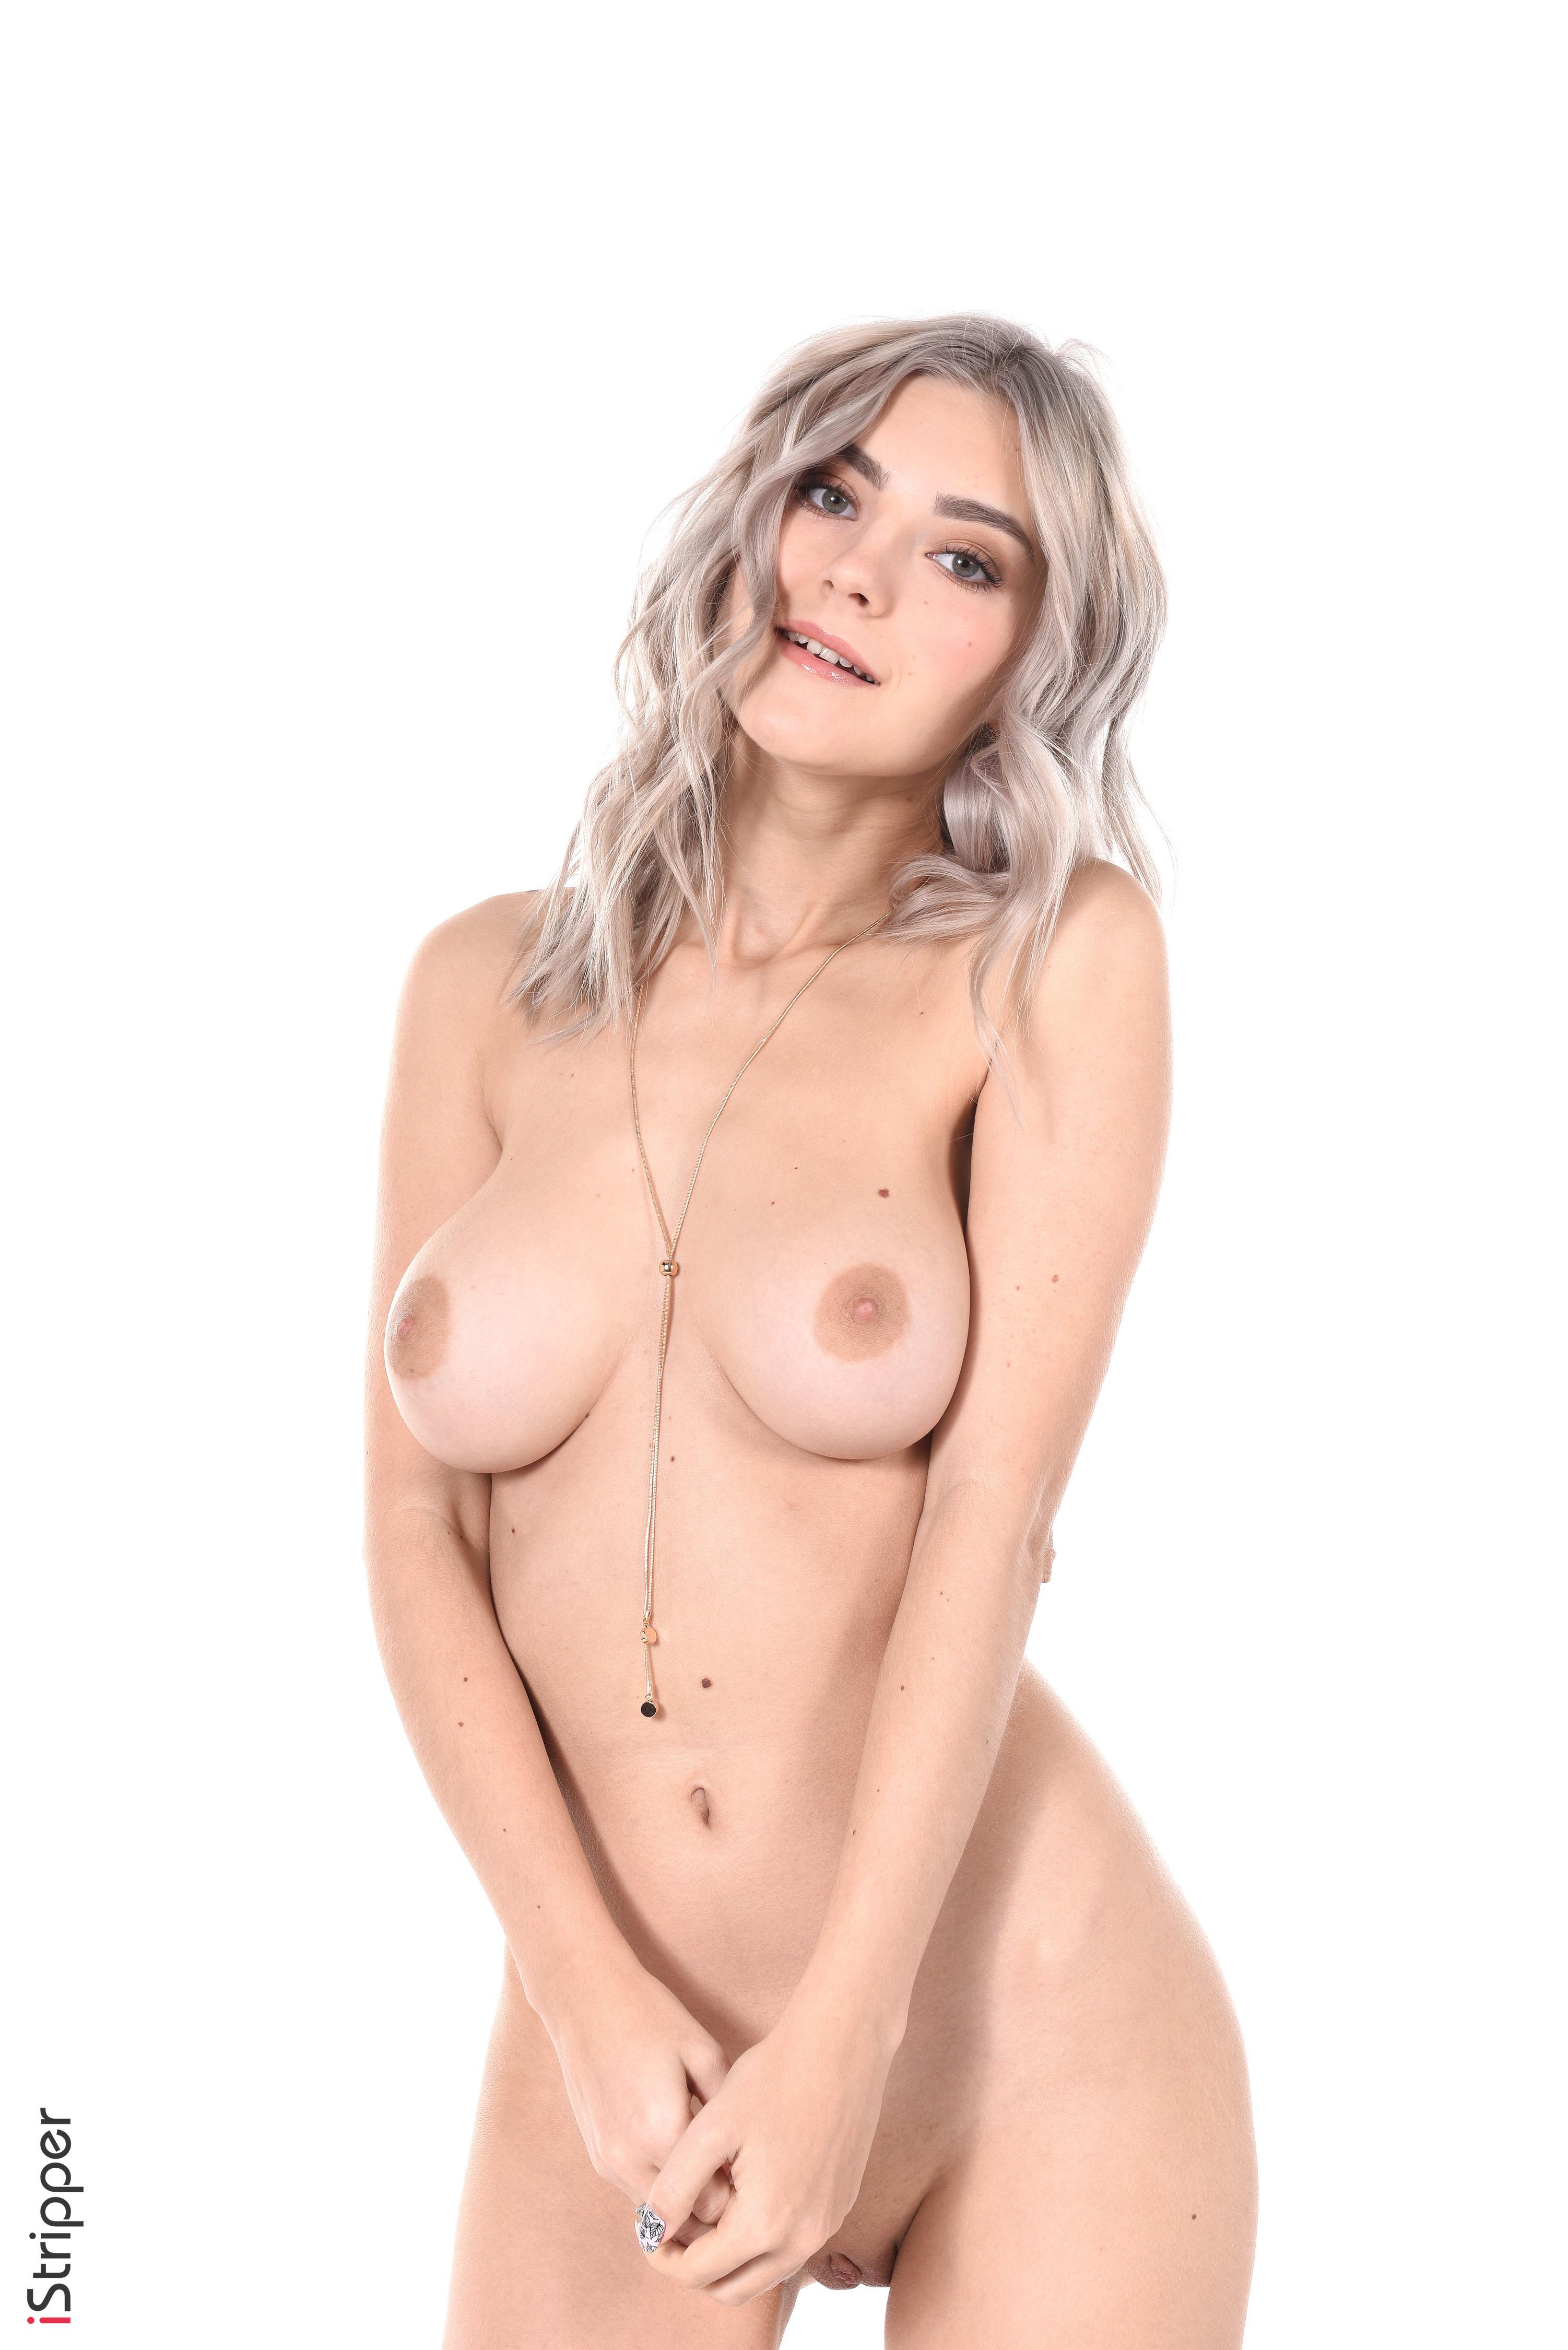 naked wallpaper.com